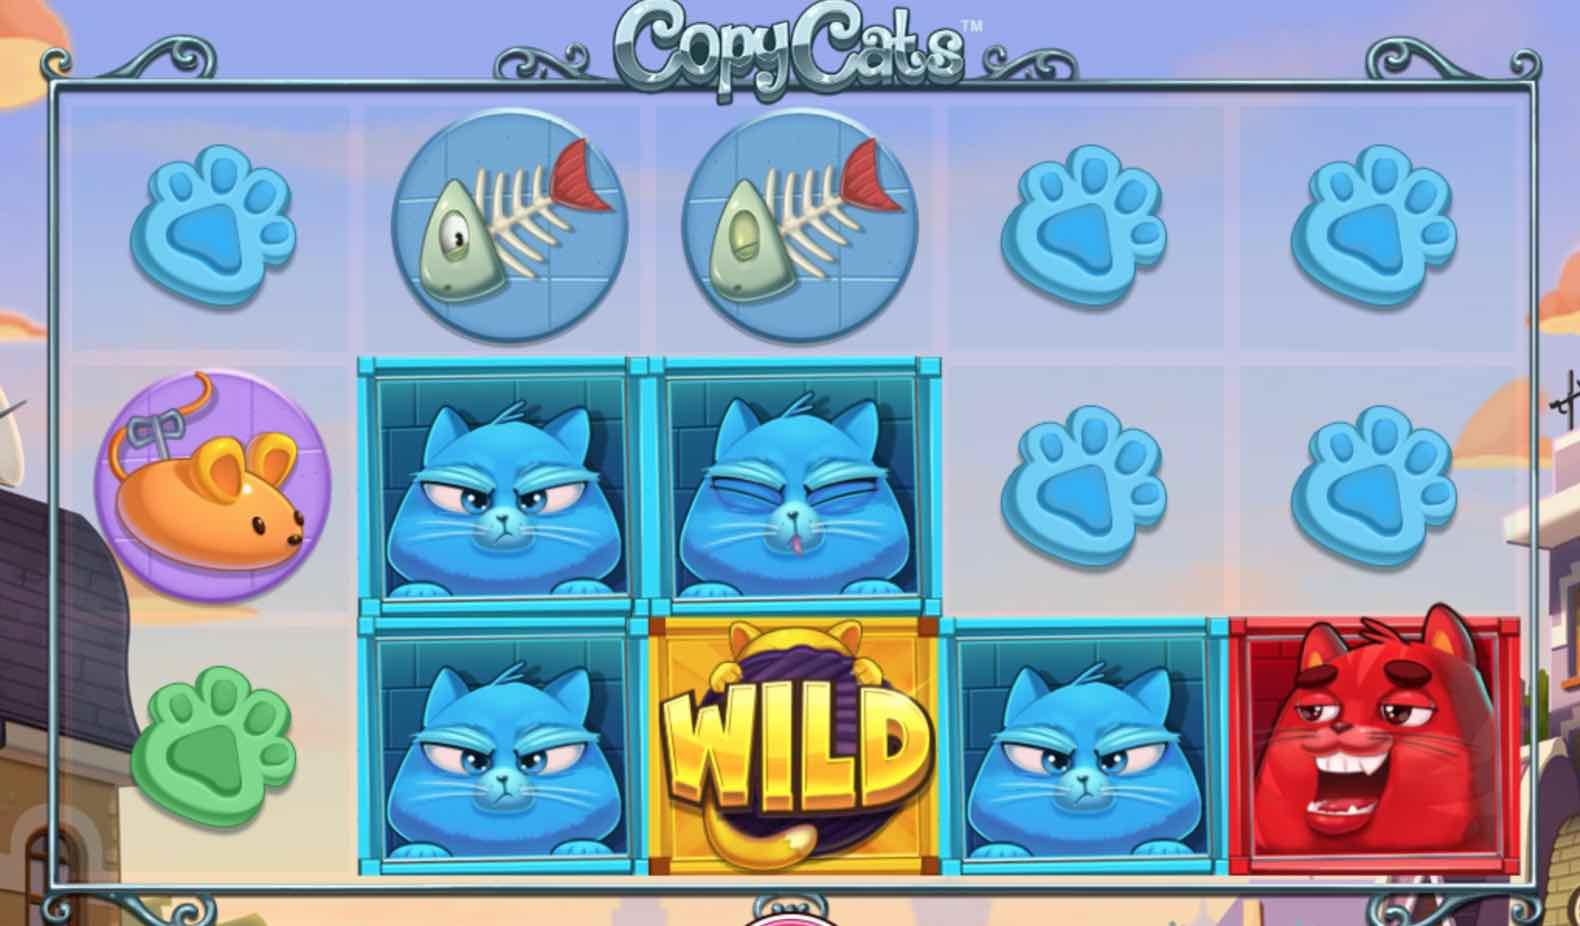 Kuukauden kasinopeli: Copy Cats -kolikkopeli on NetEntin uusi luomus